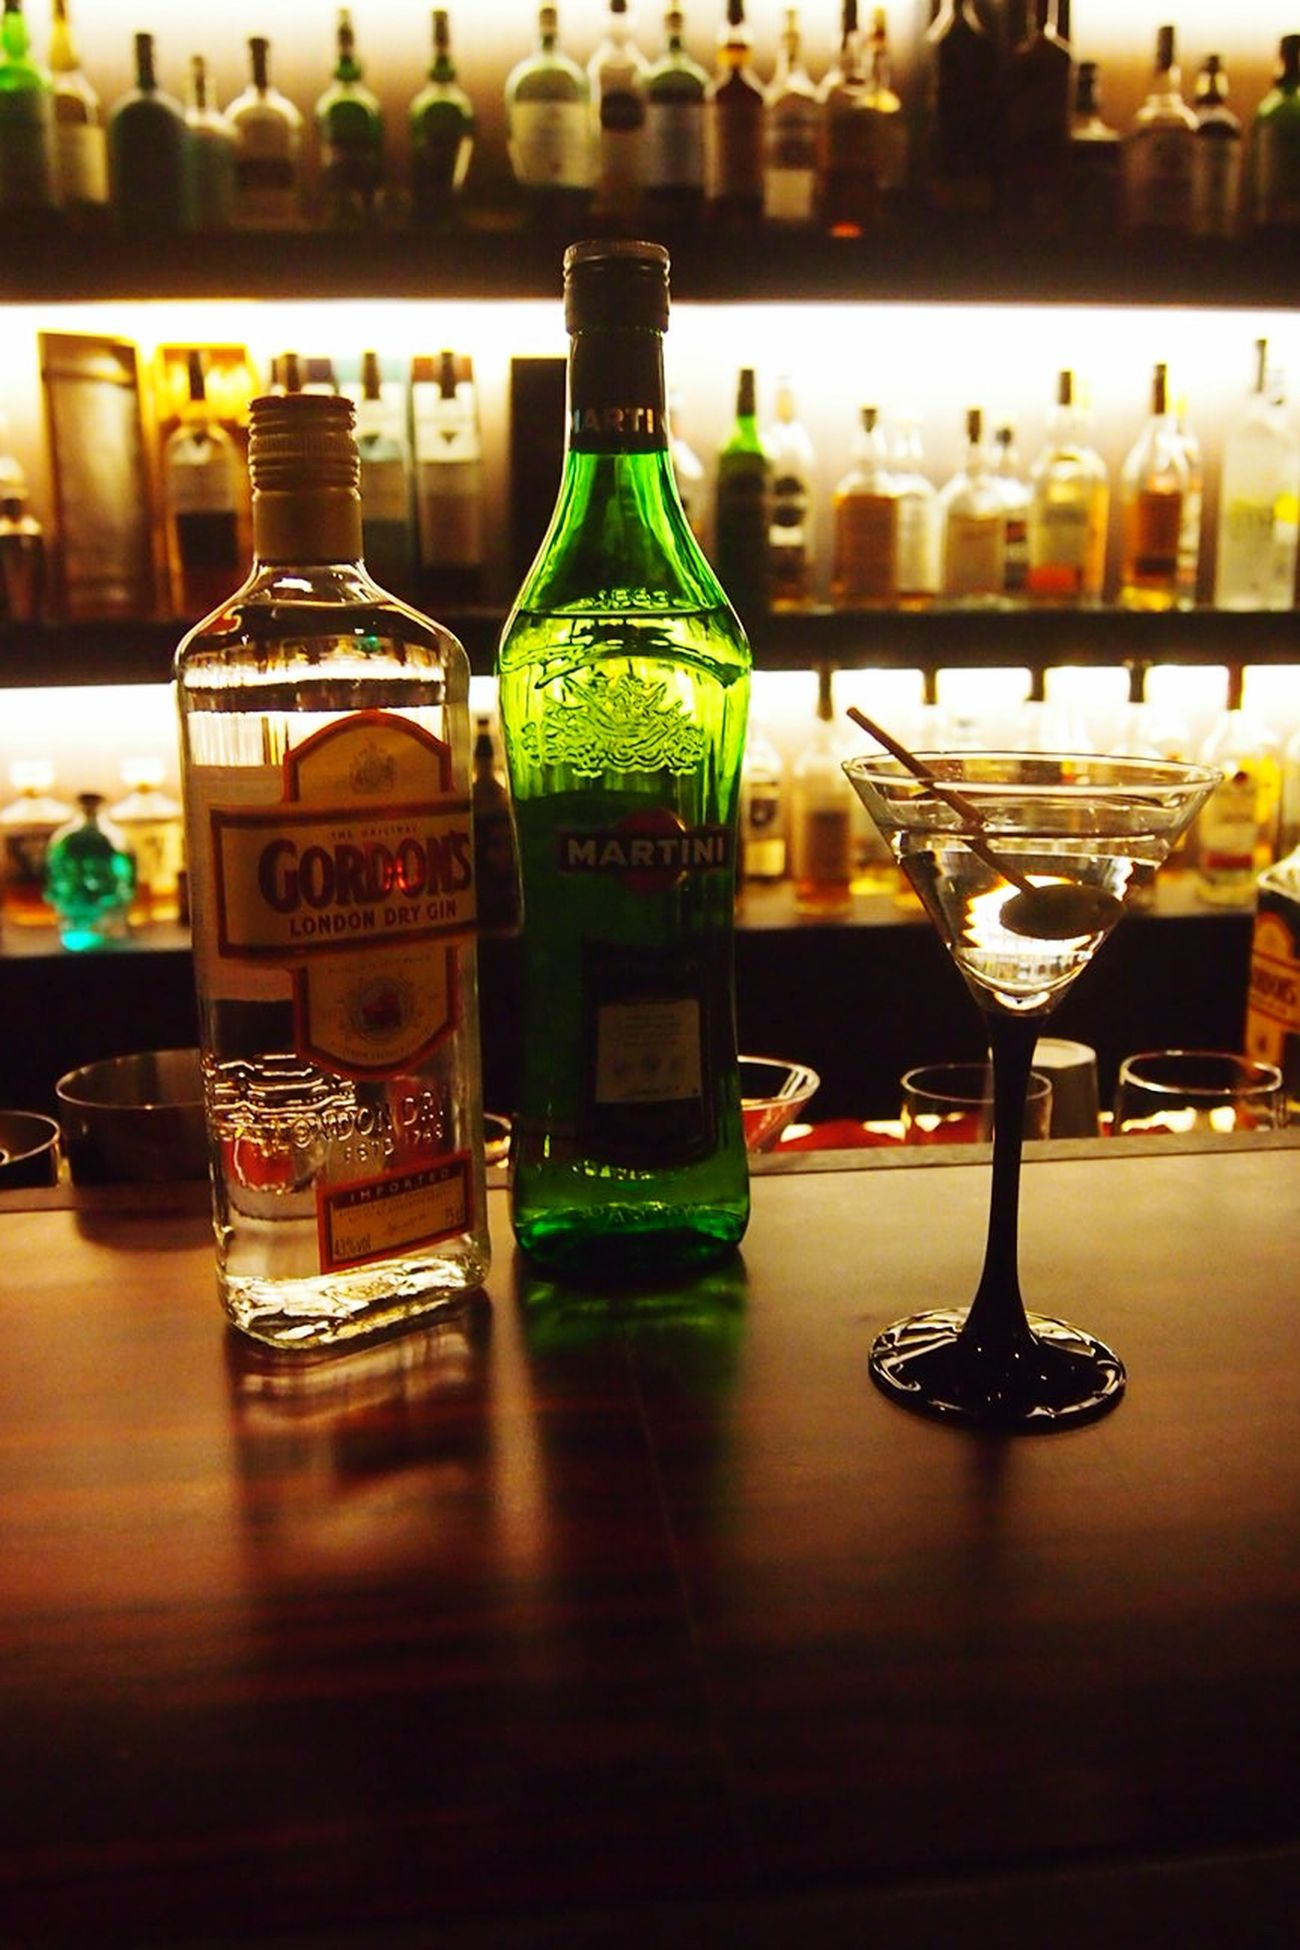 마티니 저어서, 섞지말고 Martini stirred, not shaken Drinks Mixology Korea Cocktail GIN Martini Kingsman